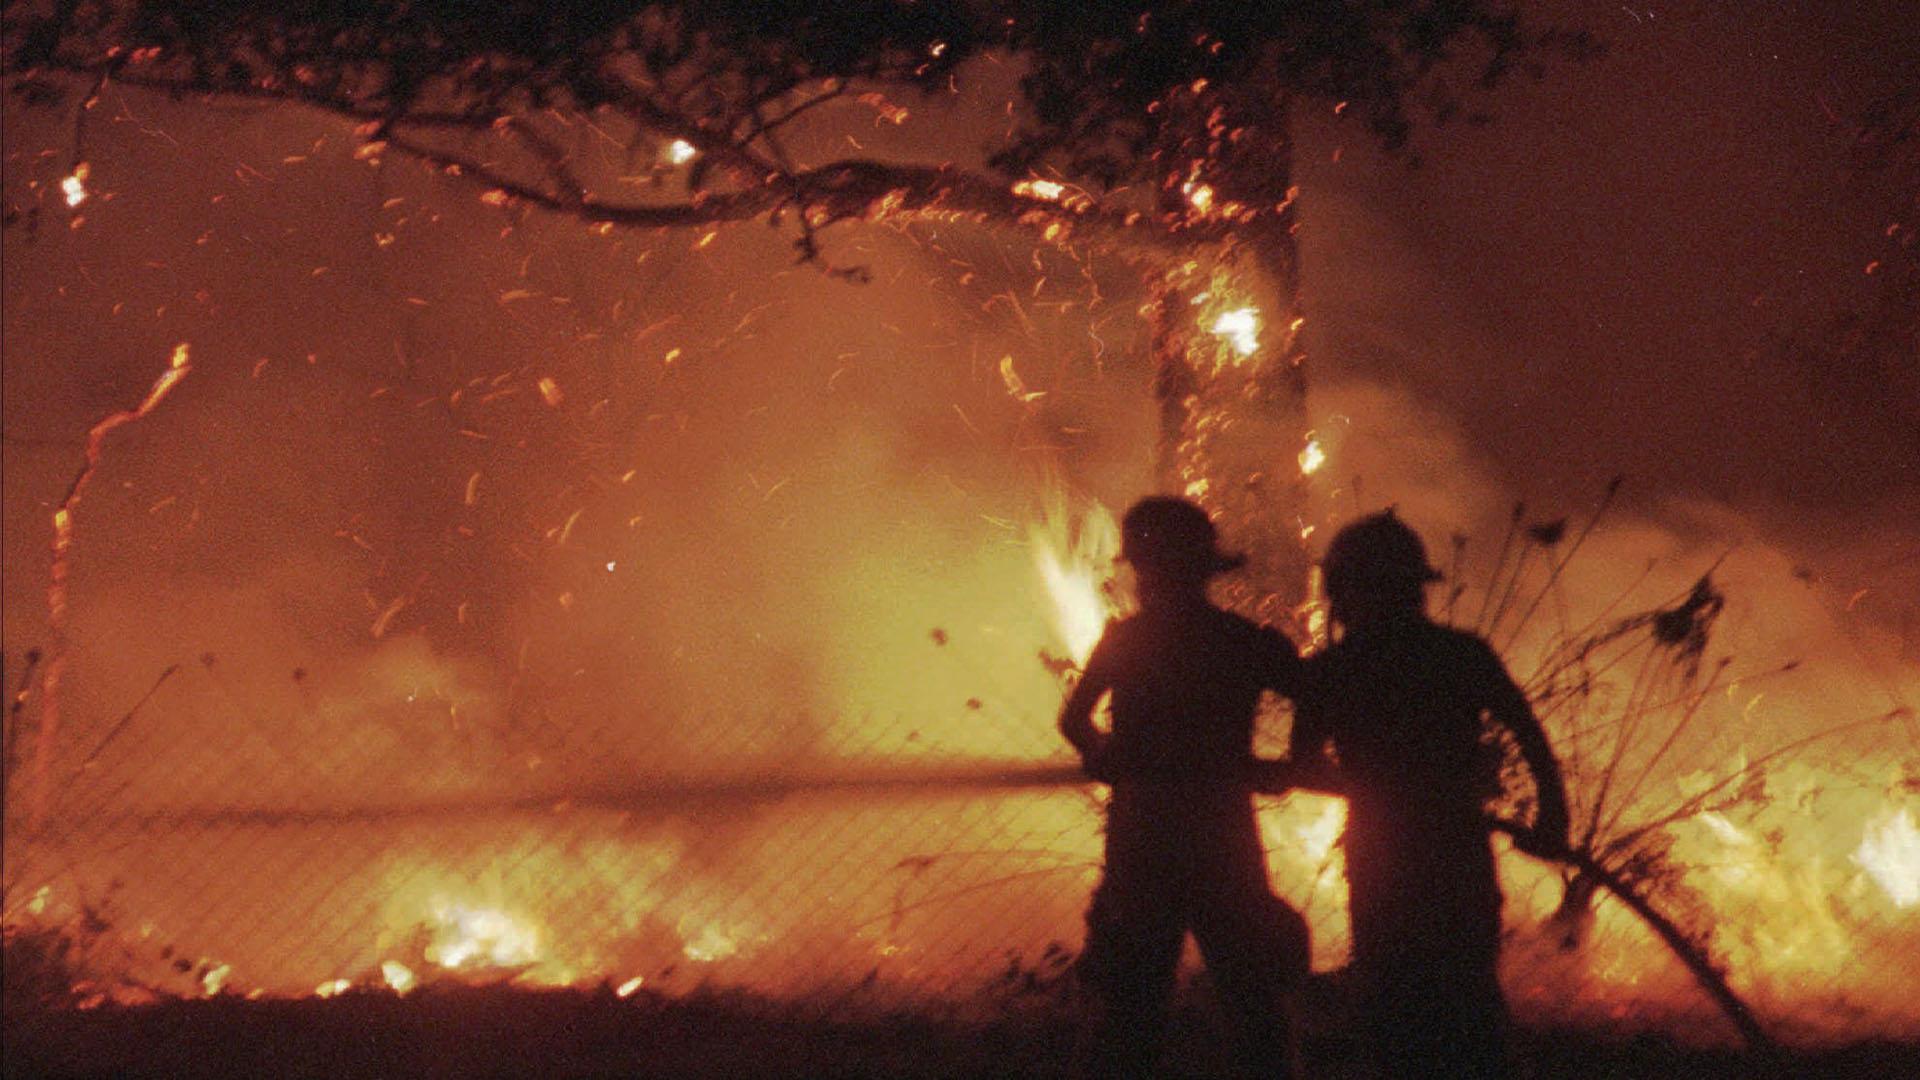 Firefighters_1556972818648.jpg